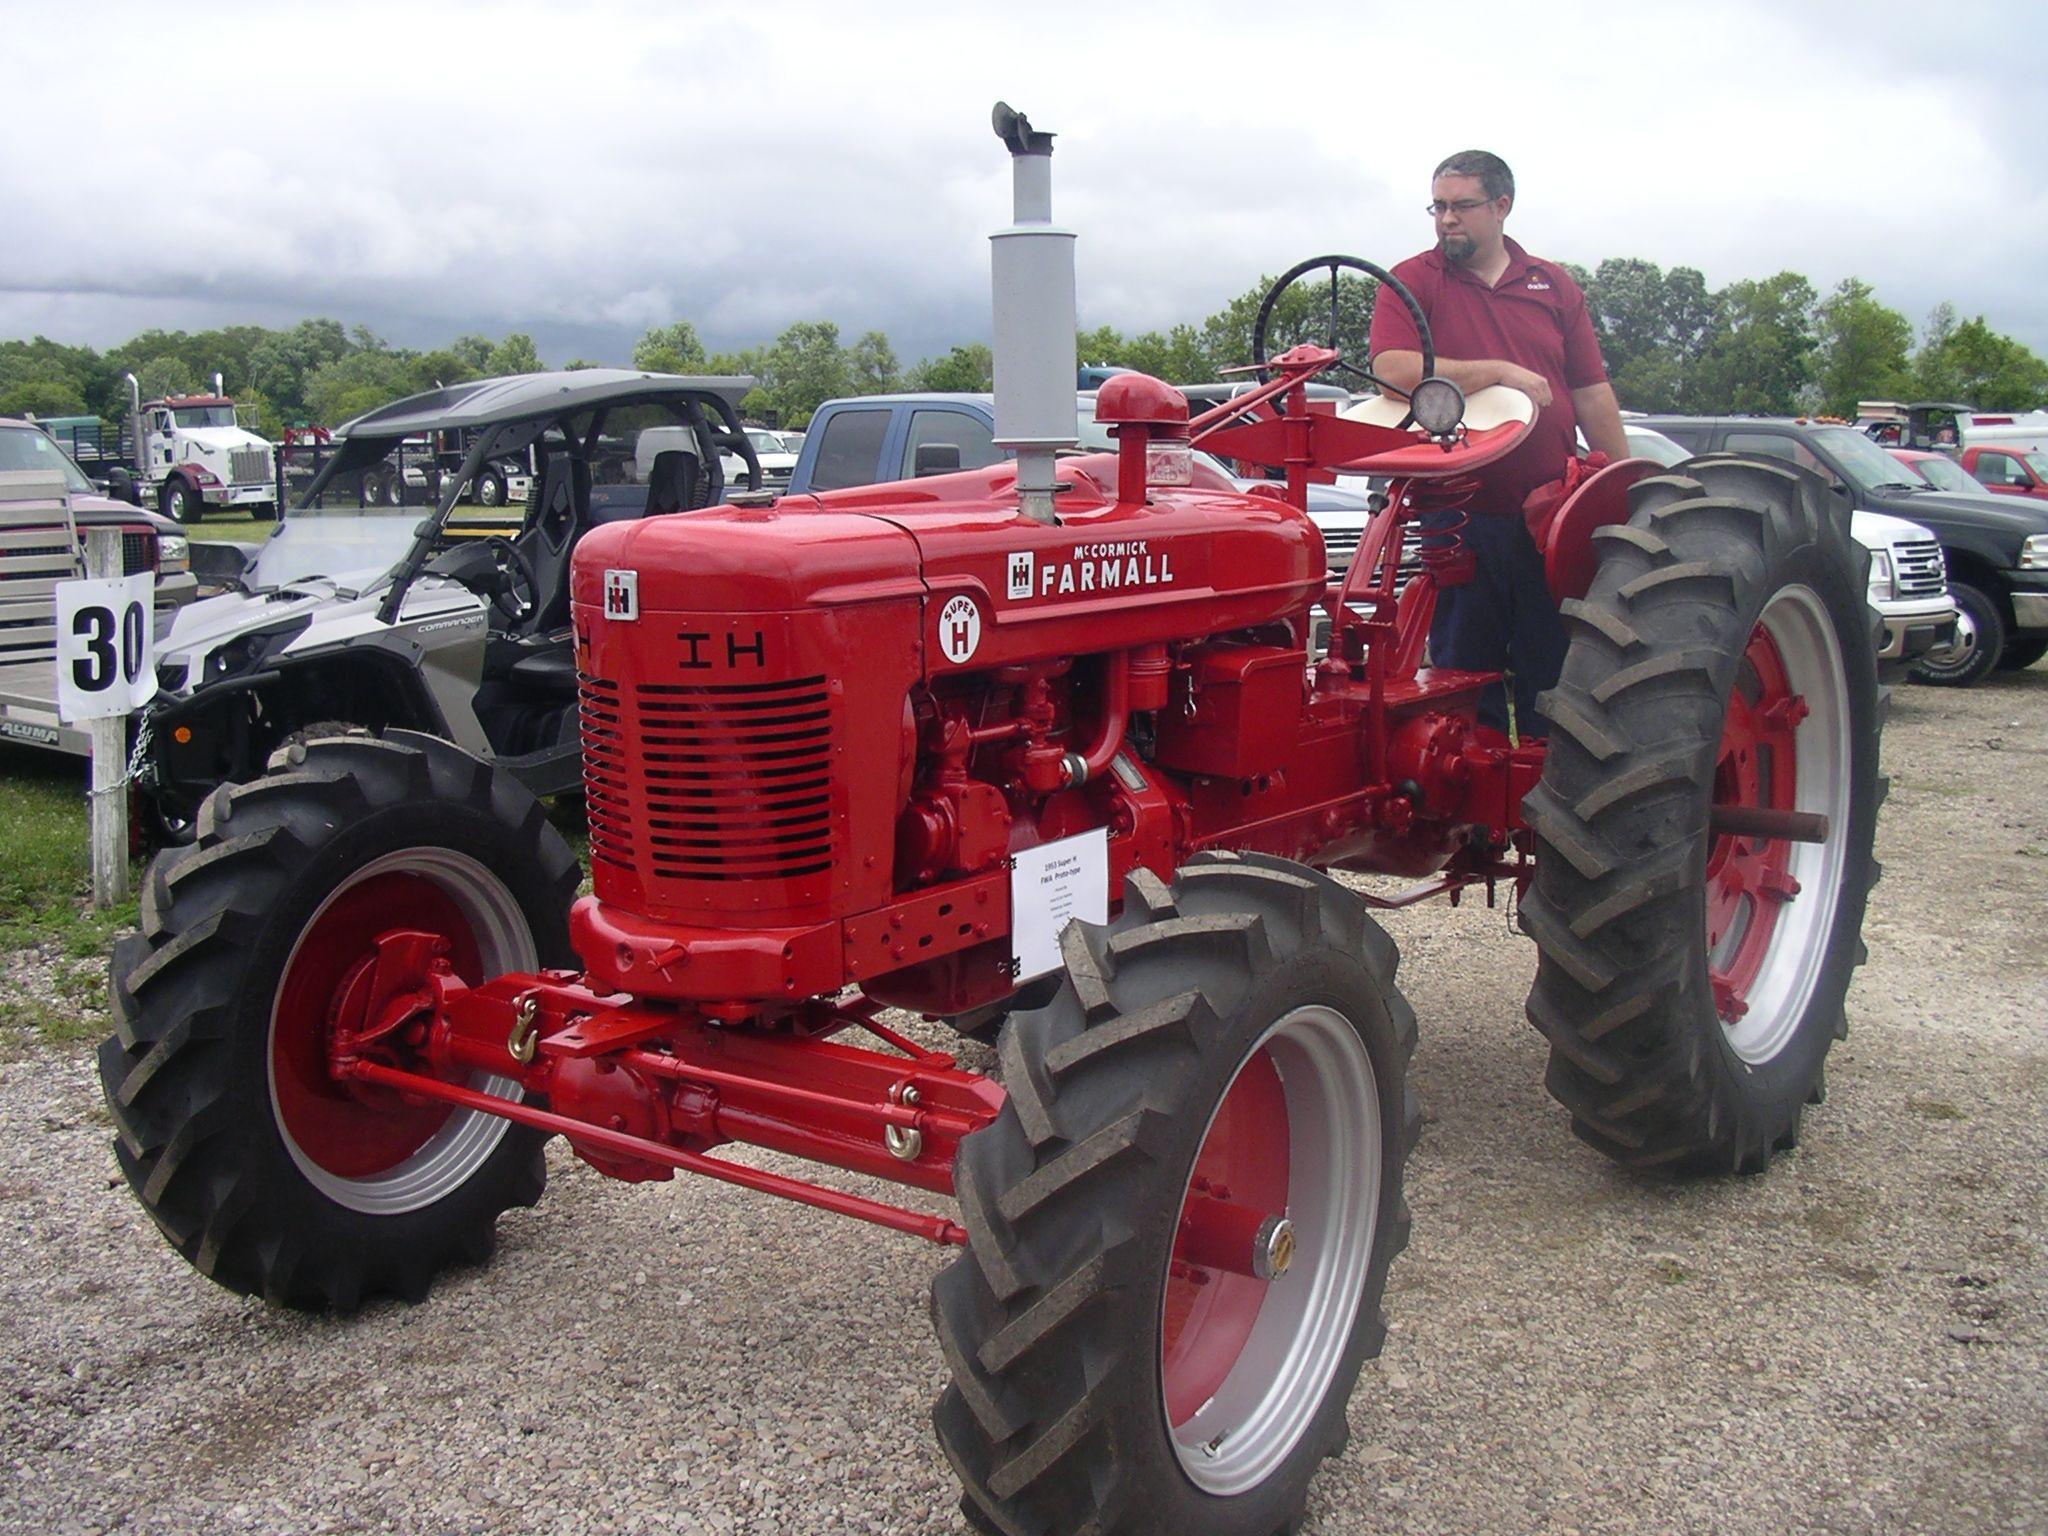 1953 Farmall Super H Big Tractors, Farmall Tractors, Vintage Tractors,  Antique Tractors,